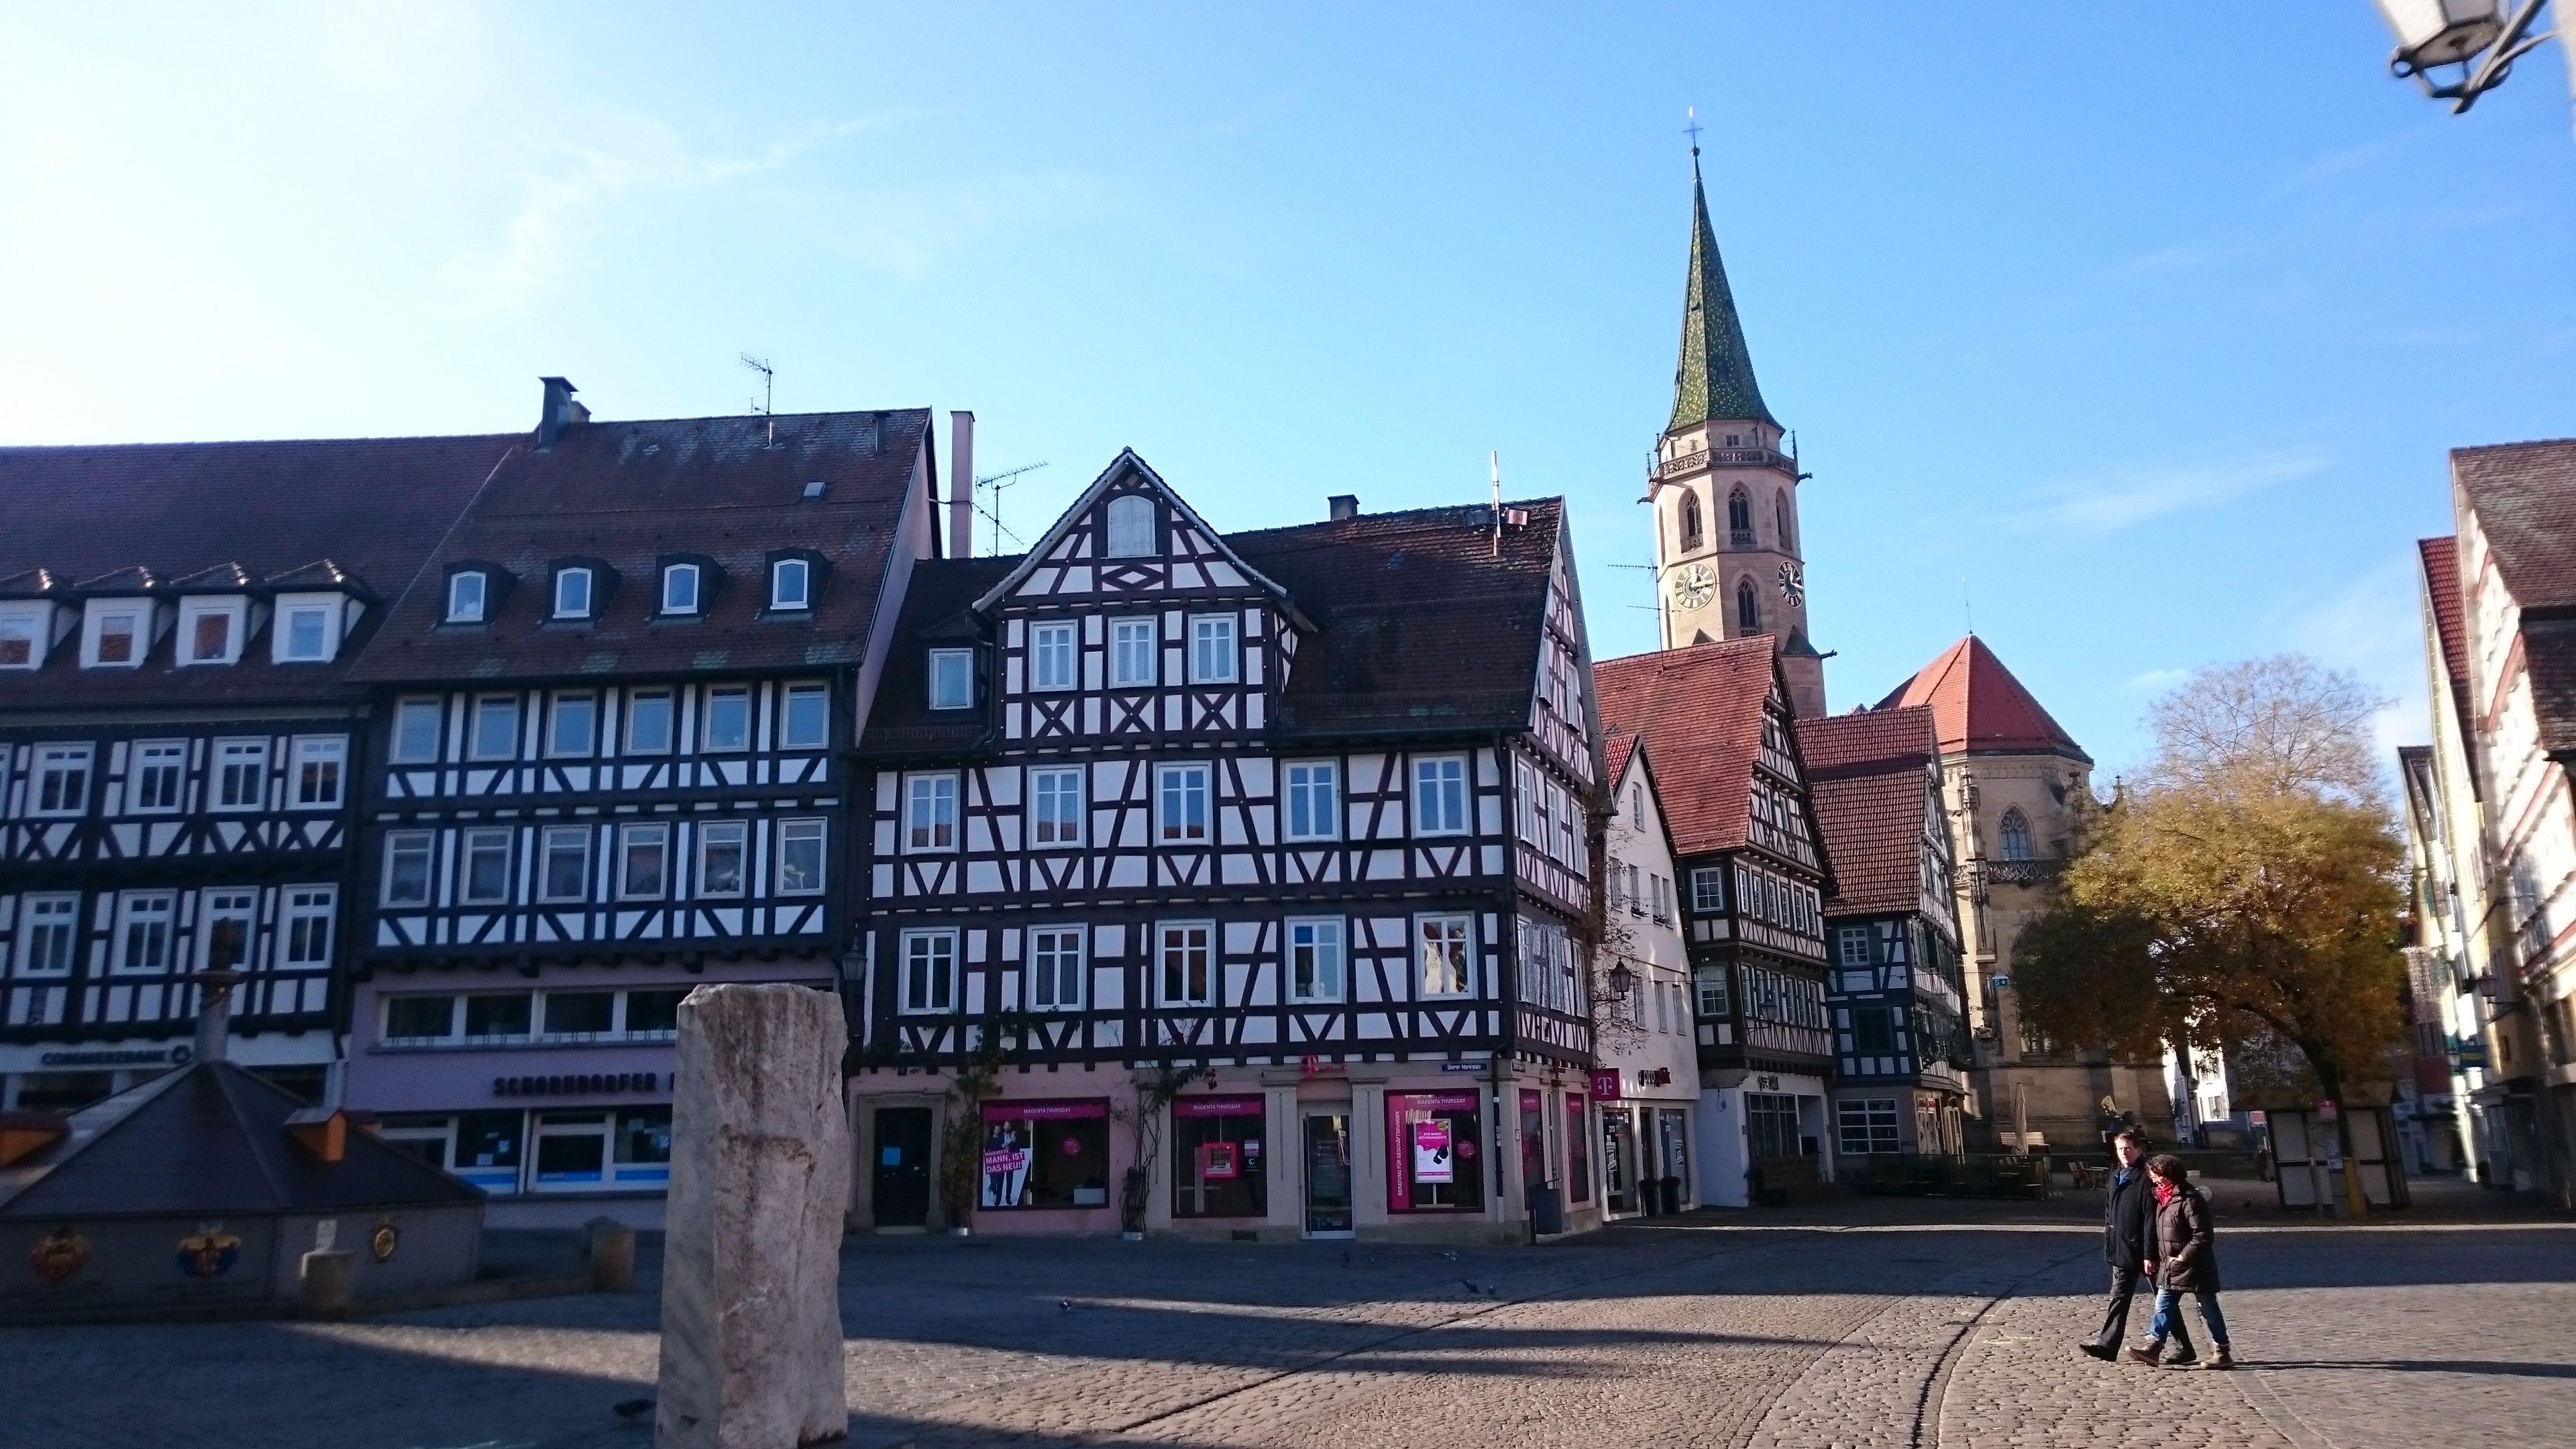 Schorndorf, noch mehr Fachwerk am Marktplatz